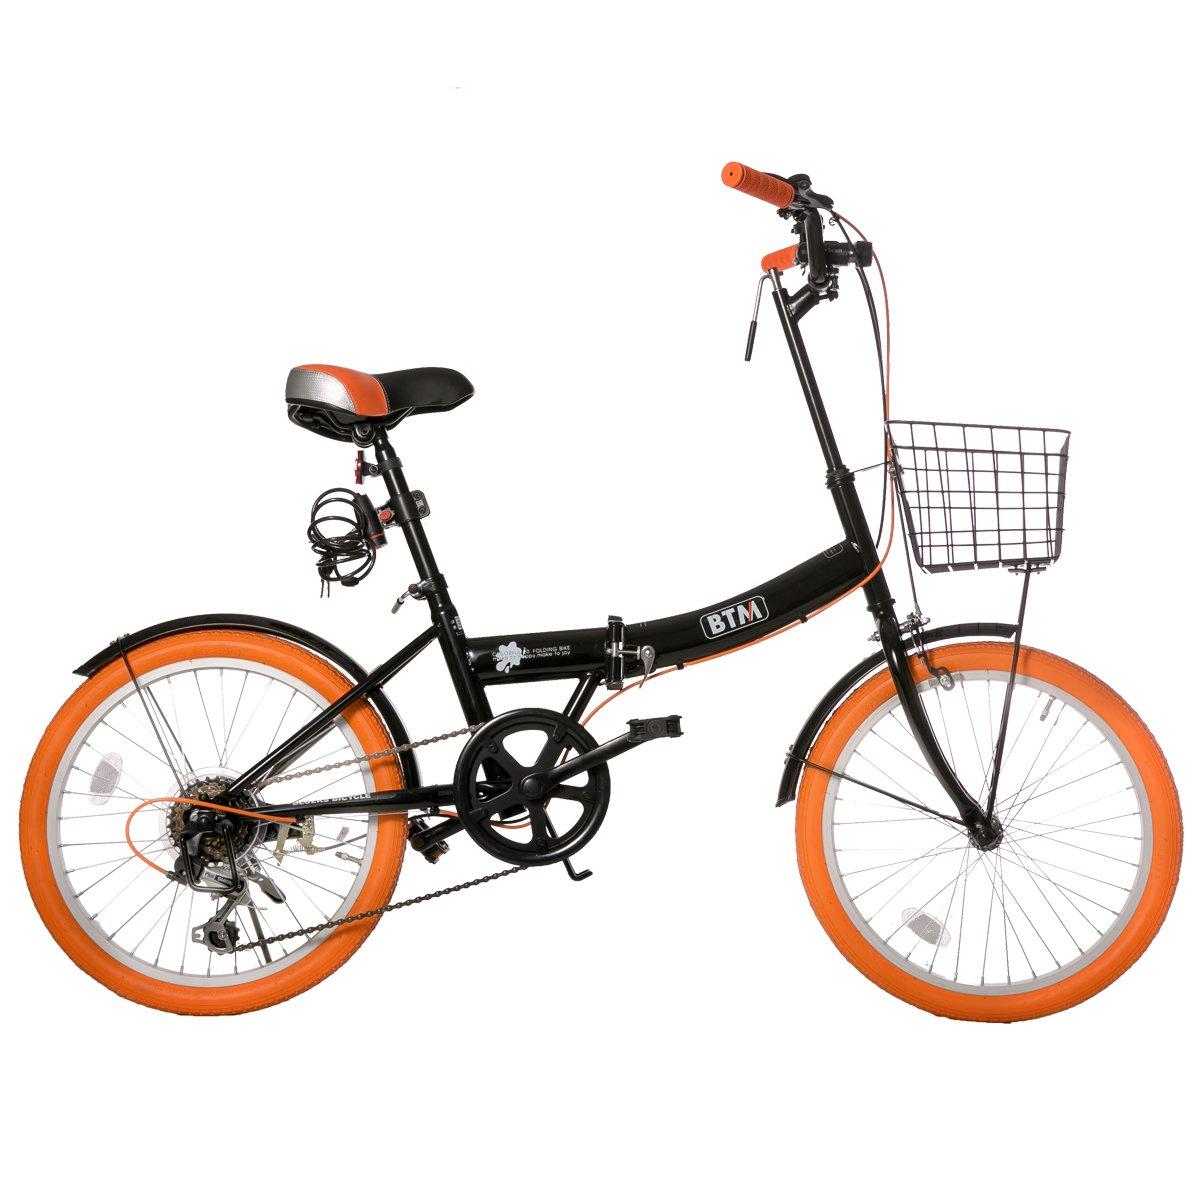 (オーエスジェー)OSJ 折りたたみ自転車 20インチ シマノ6段変速 カゴやライトやカギ付き 通勤 通学 7色 B075K38VR9 ブラック&オレンジA ブラック&オレンジA